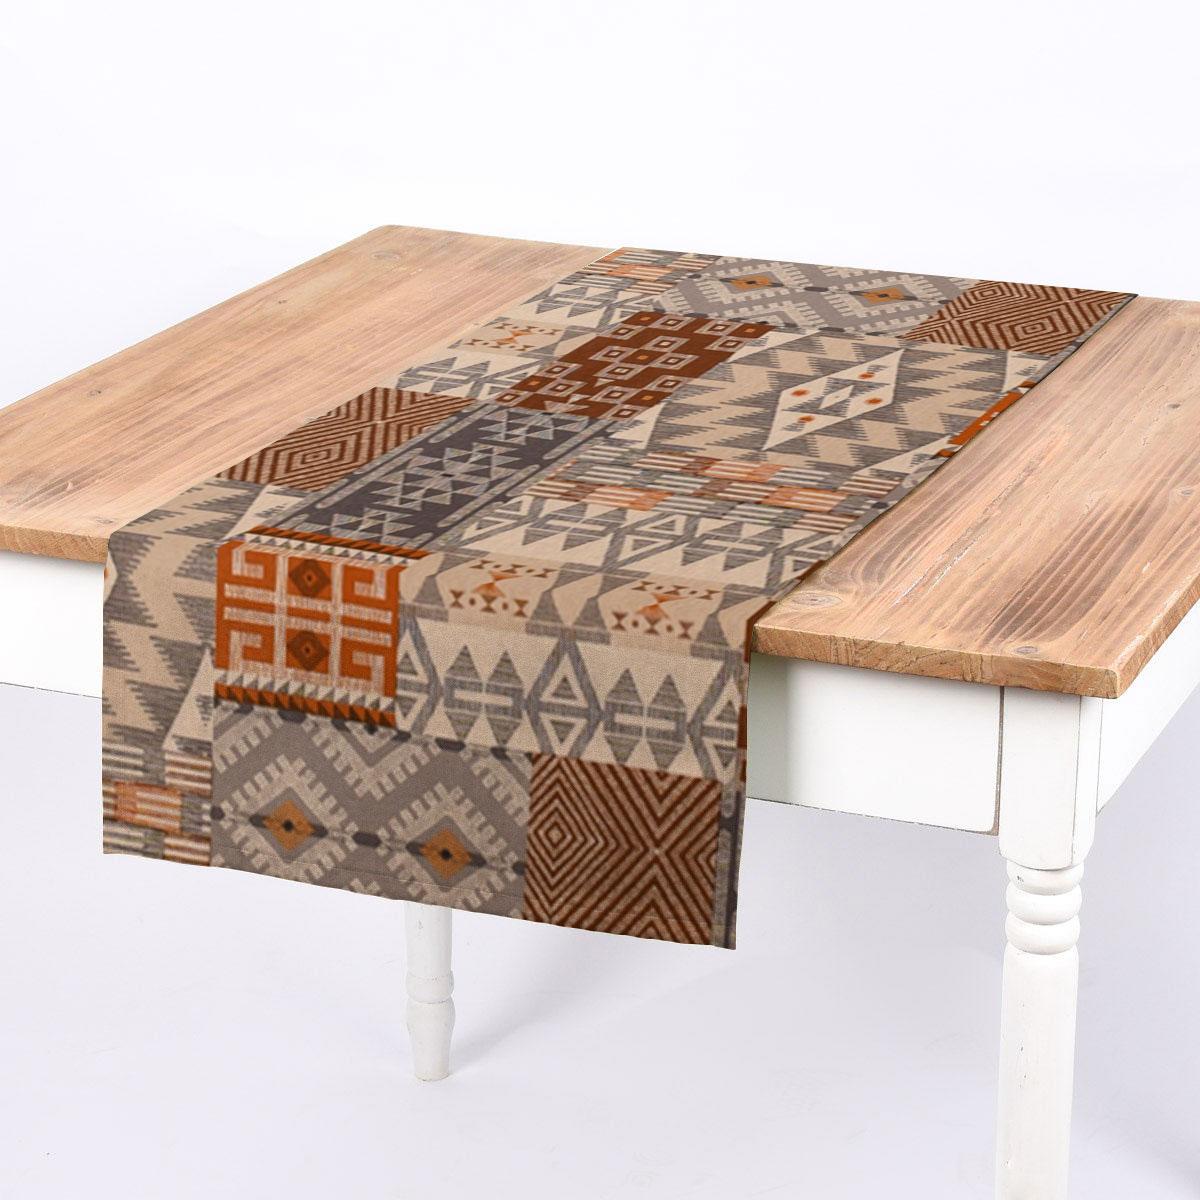 SCHÖNER LEBEN. Tischläufer Leinenlook Ethnic Chic Ethno Patchwork natur grau braun 40x160cm